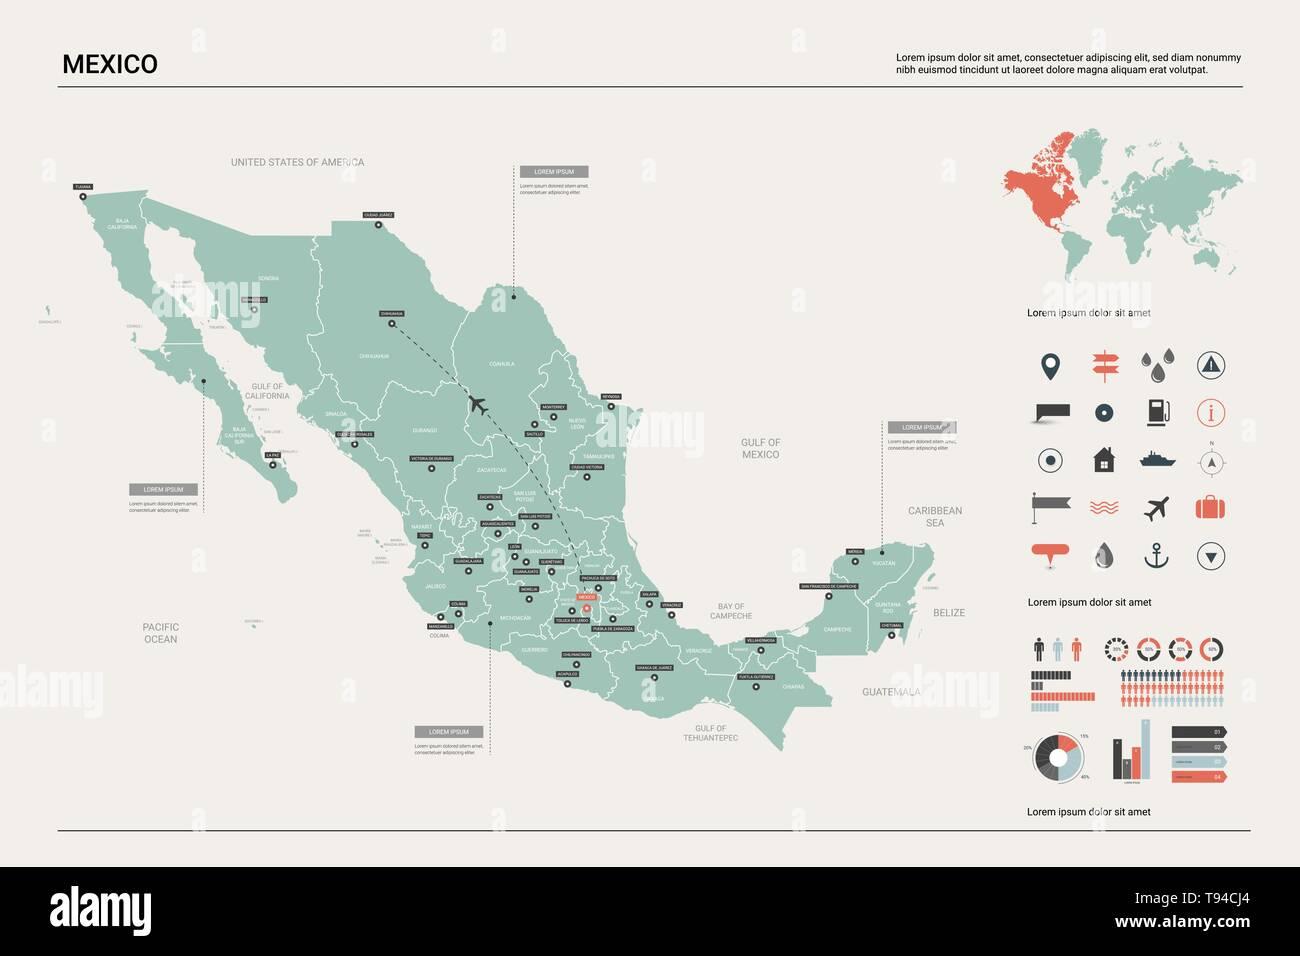 Mapa De Vectores De Mexico Mapa Del Pais Con La Division Ciudades Y Capitales Mapa Politico El Mapa Del Mundo Elementos Infograficos Imagen Vector De Stock Alamy